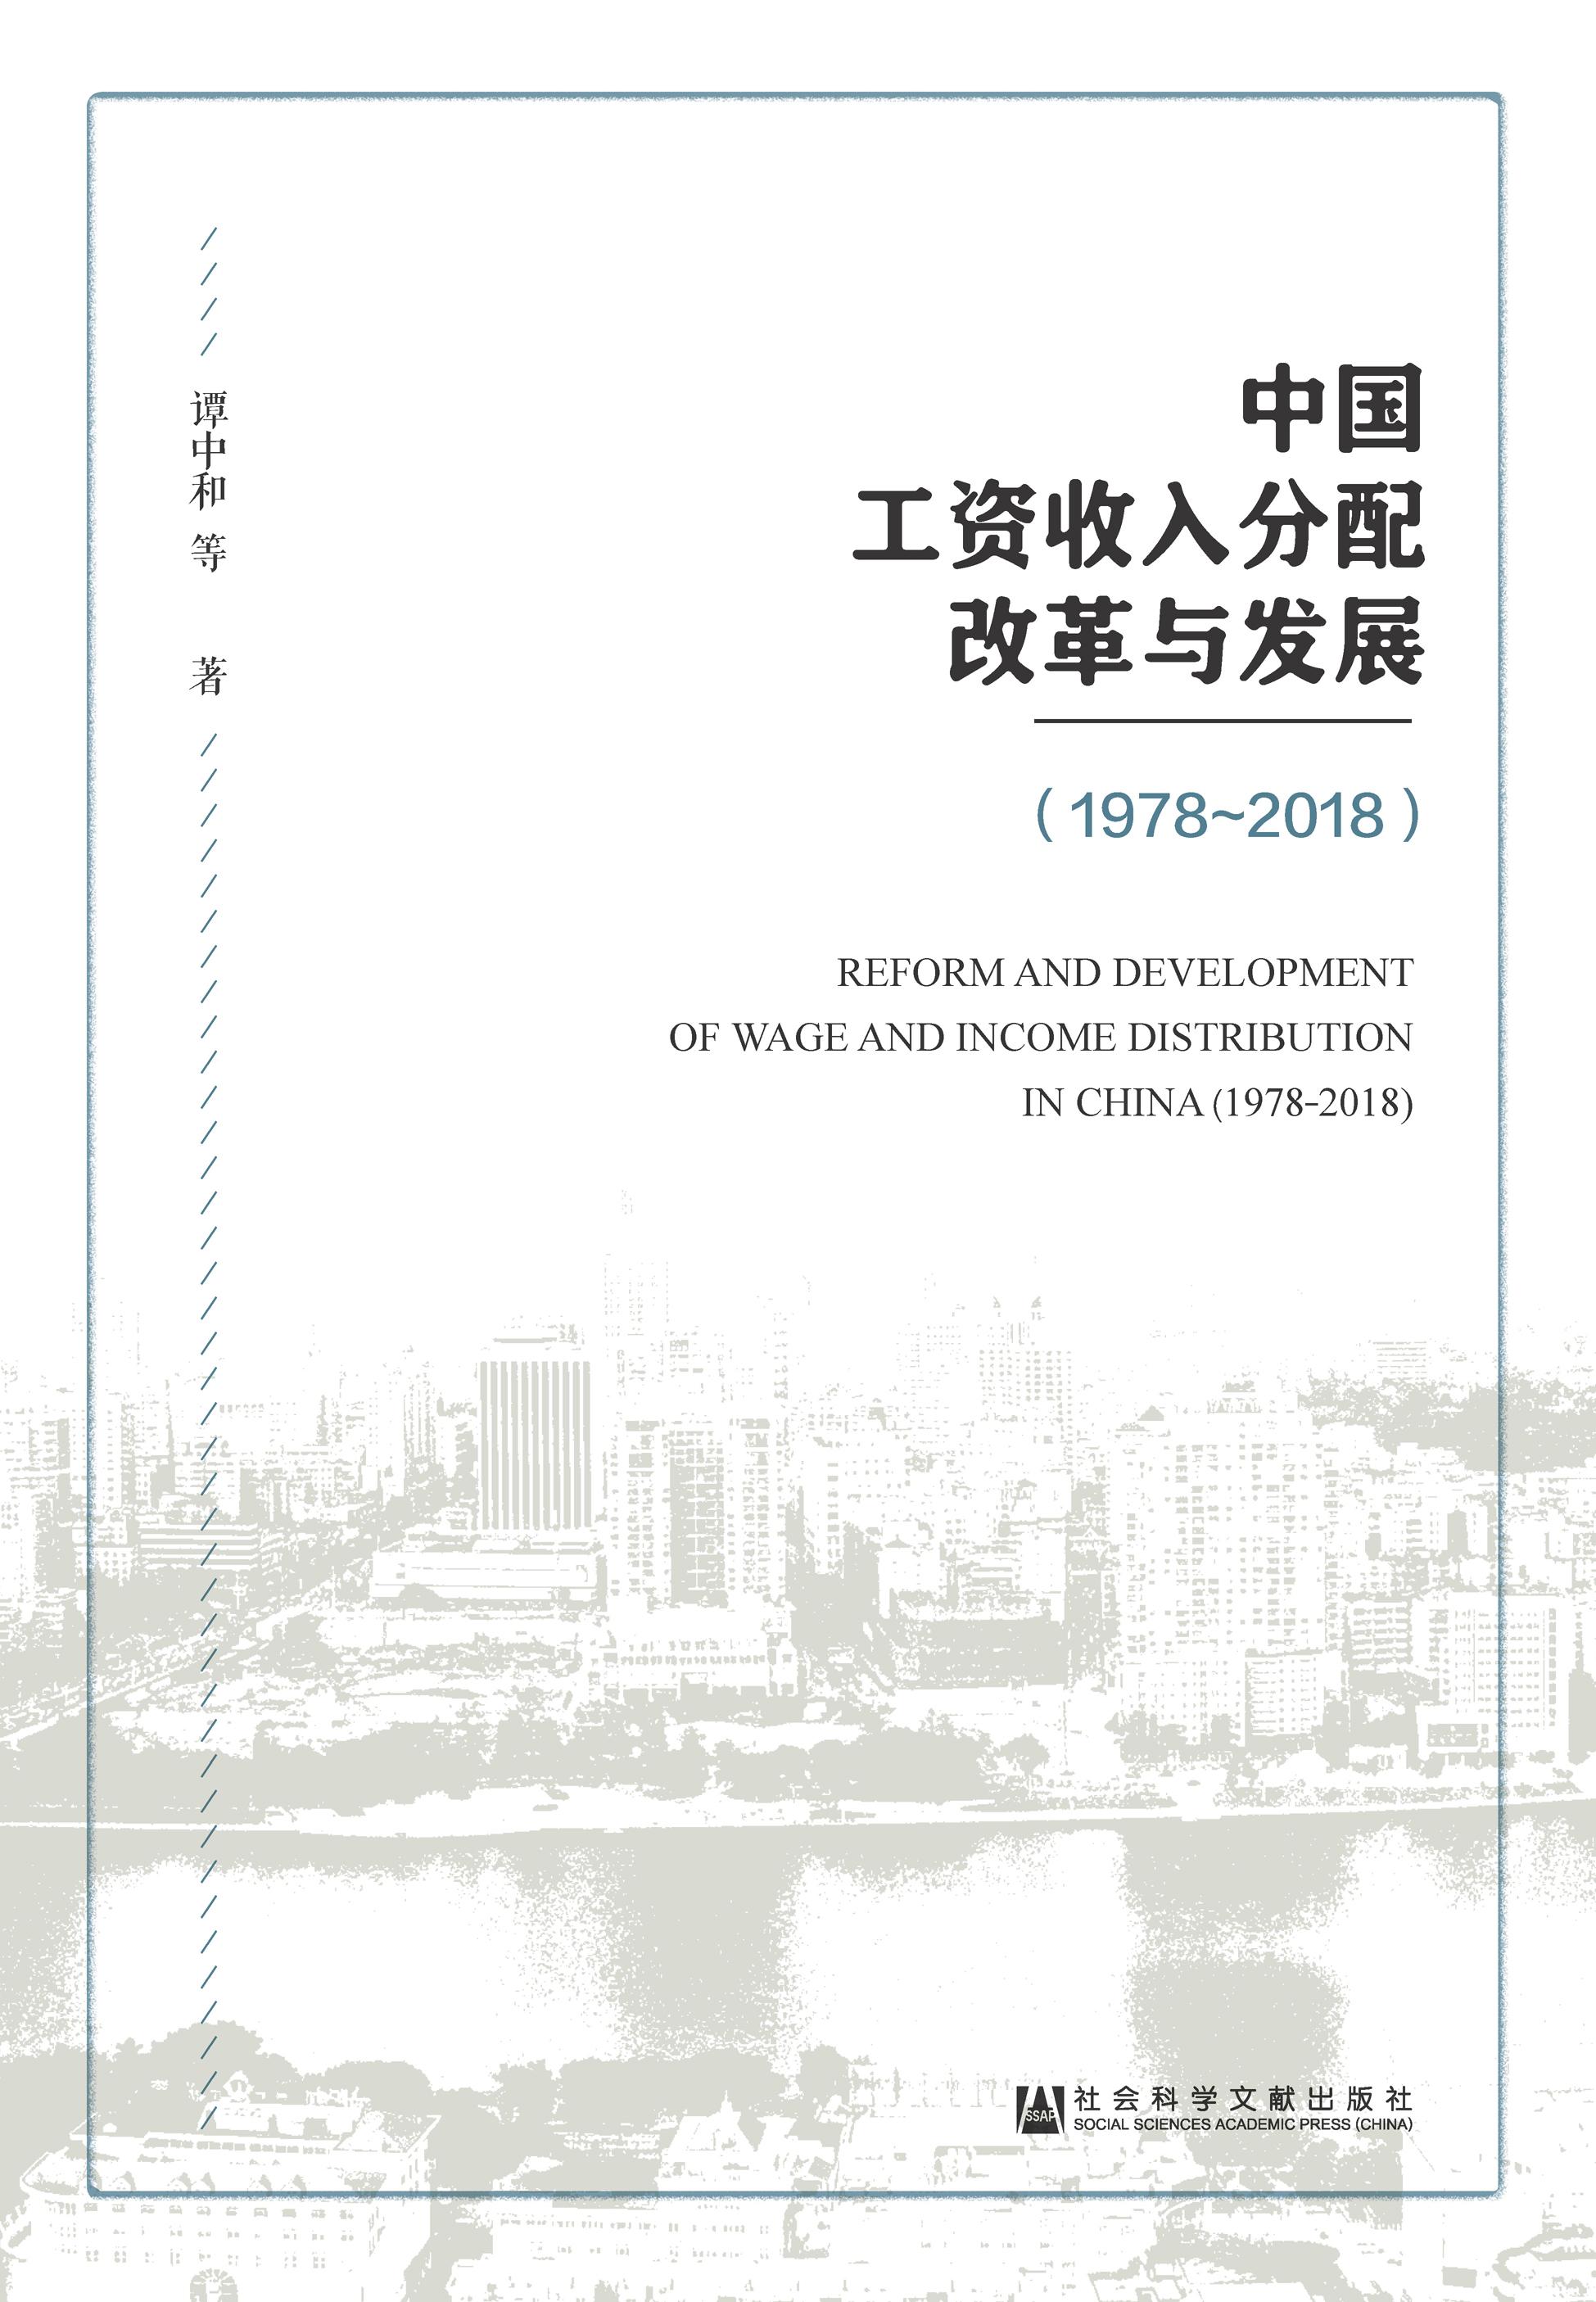 中国工资收入分配改革与发展(1978~2018)